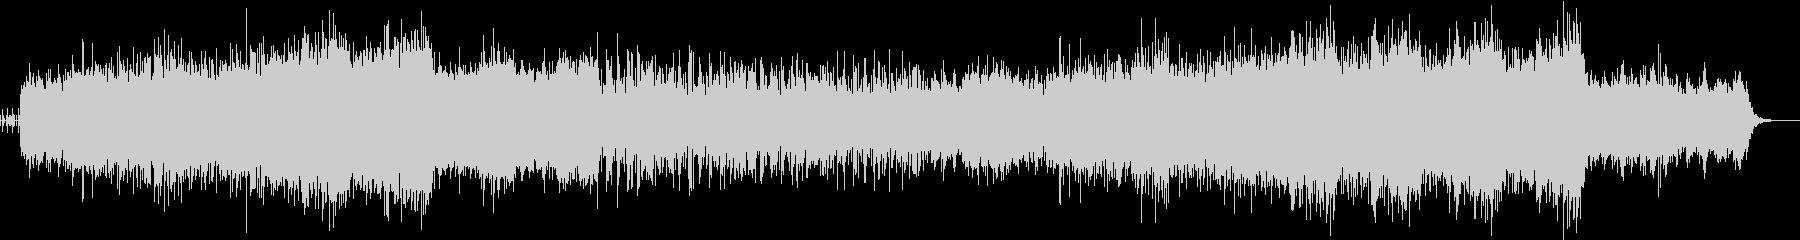 スピーディで高揚感のあるテクノロック音楽の未再生の波形